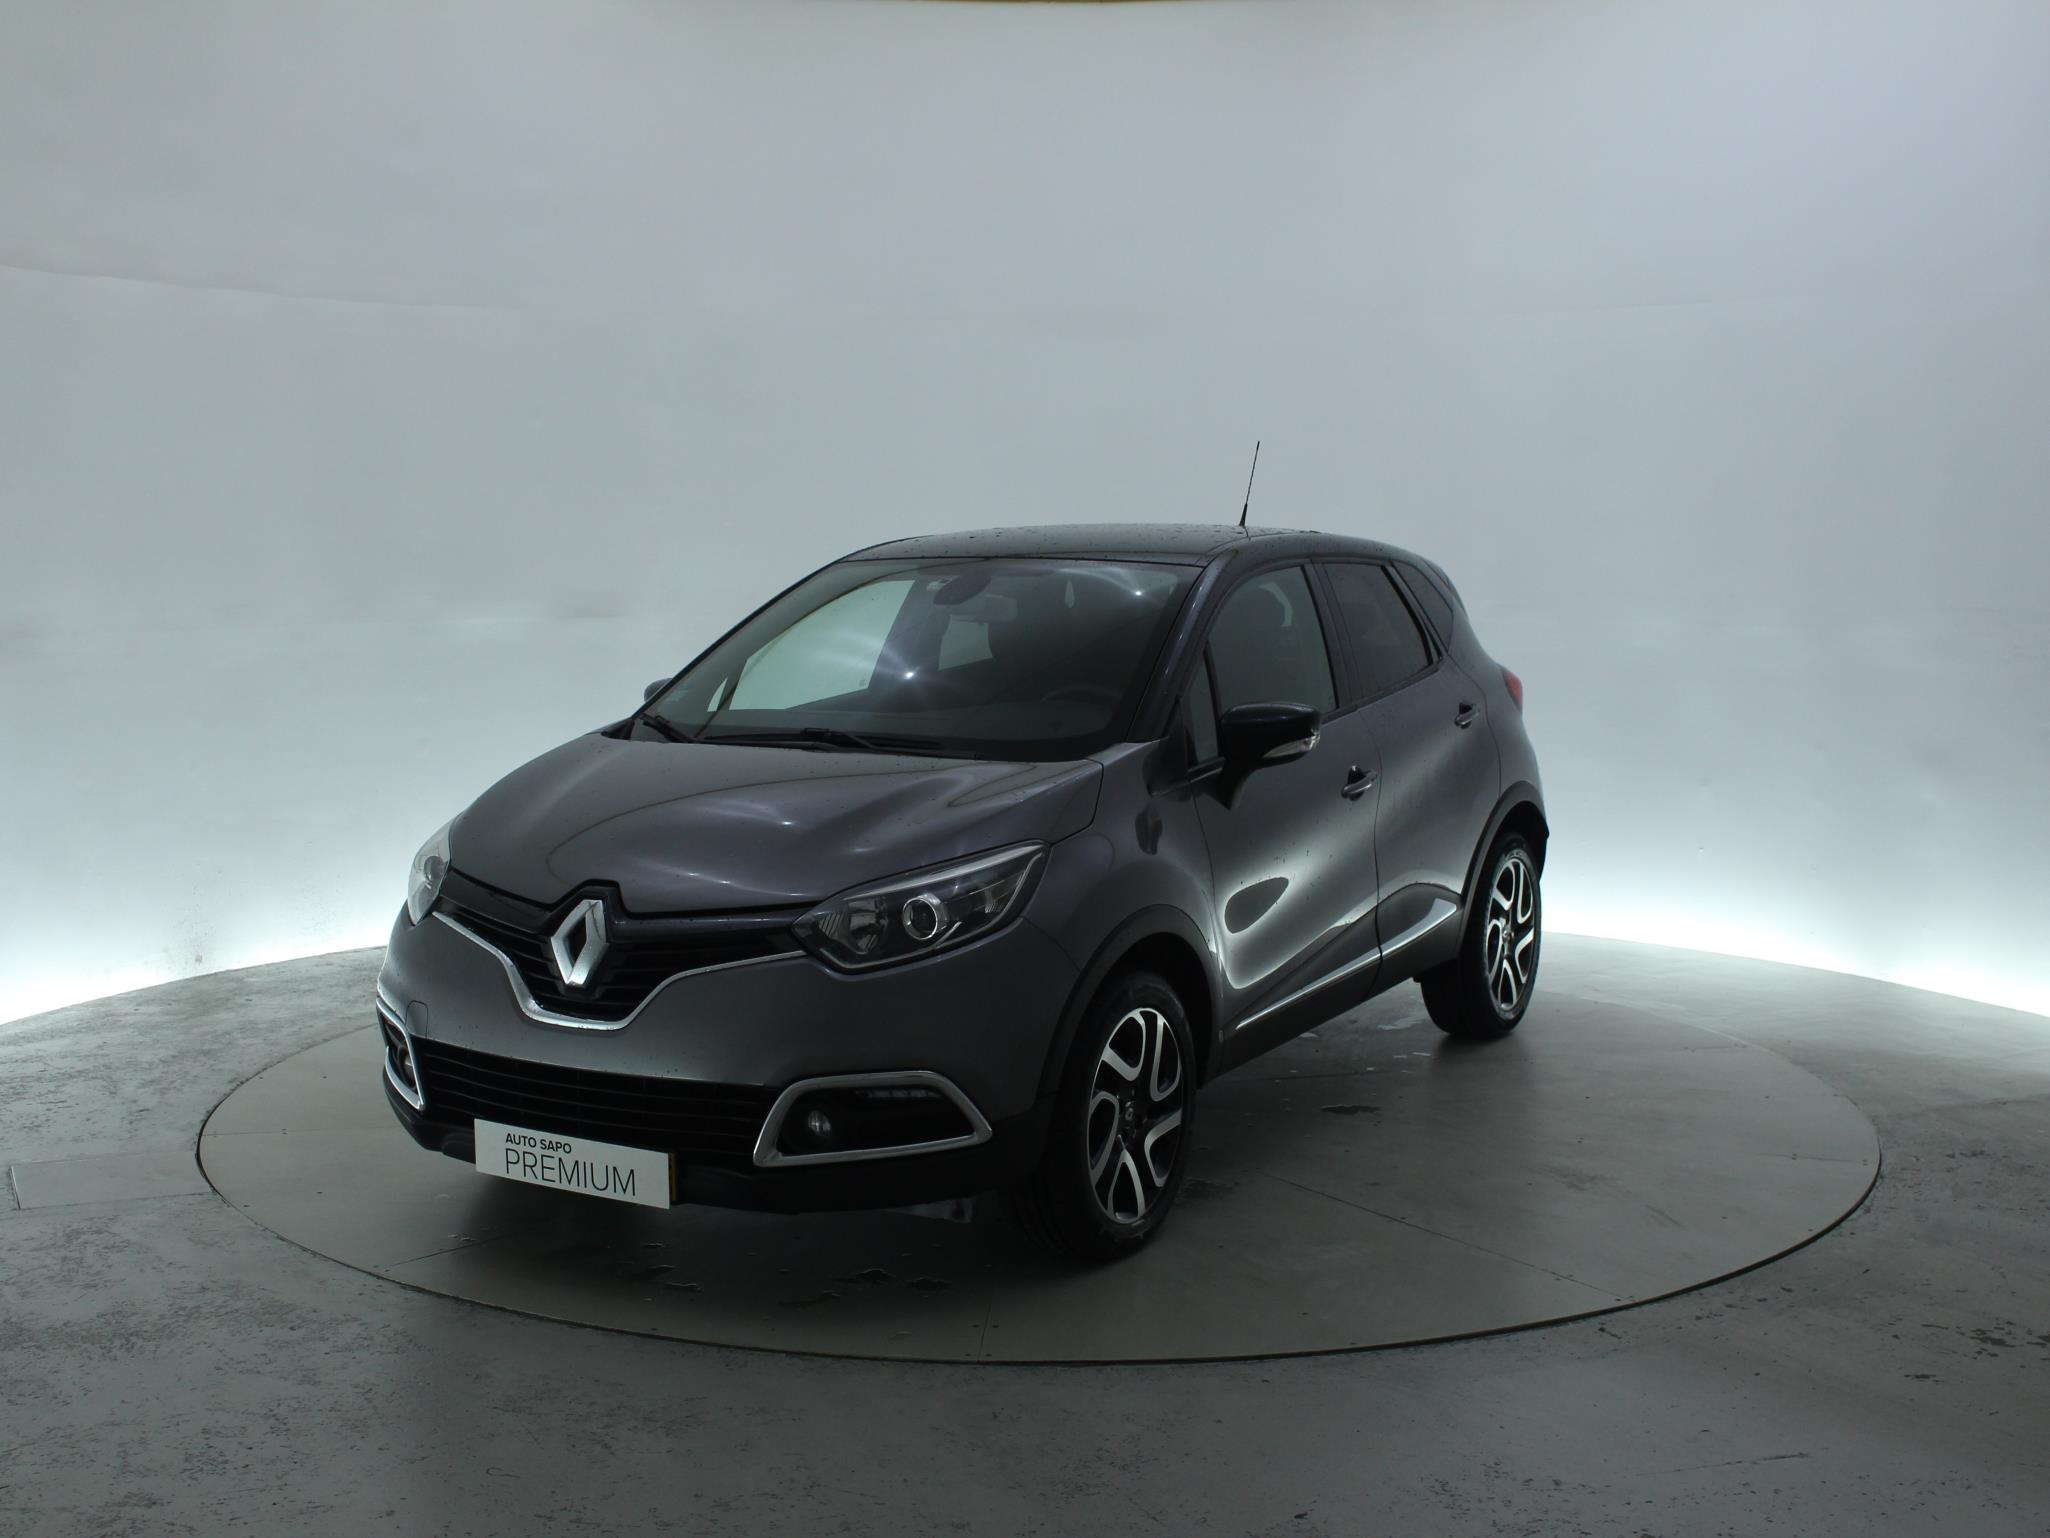 Renault Captur 1.5 dCi Exclusive (110cv) (5p) (2013 a presente)